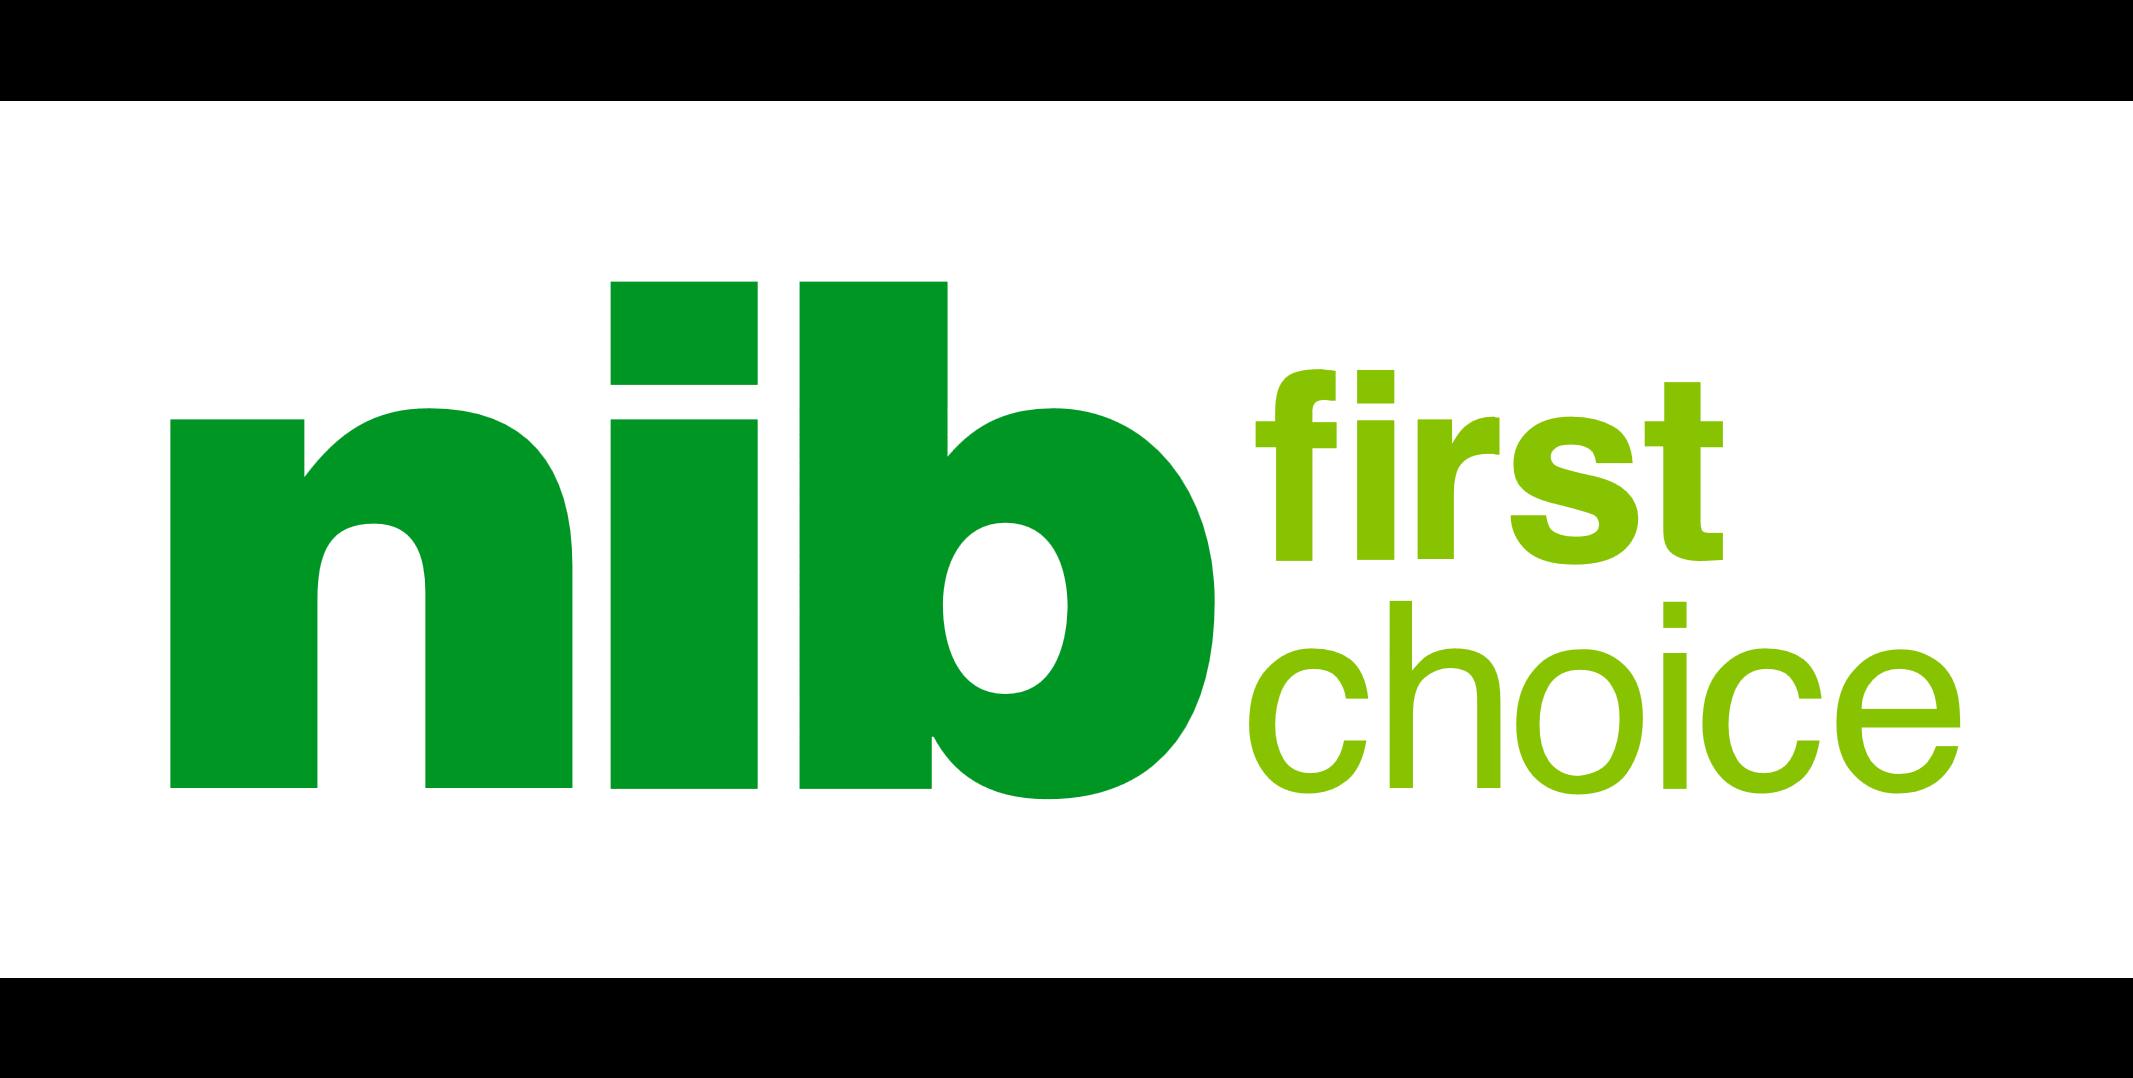 Firstchoice Logo Png